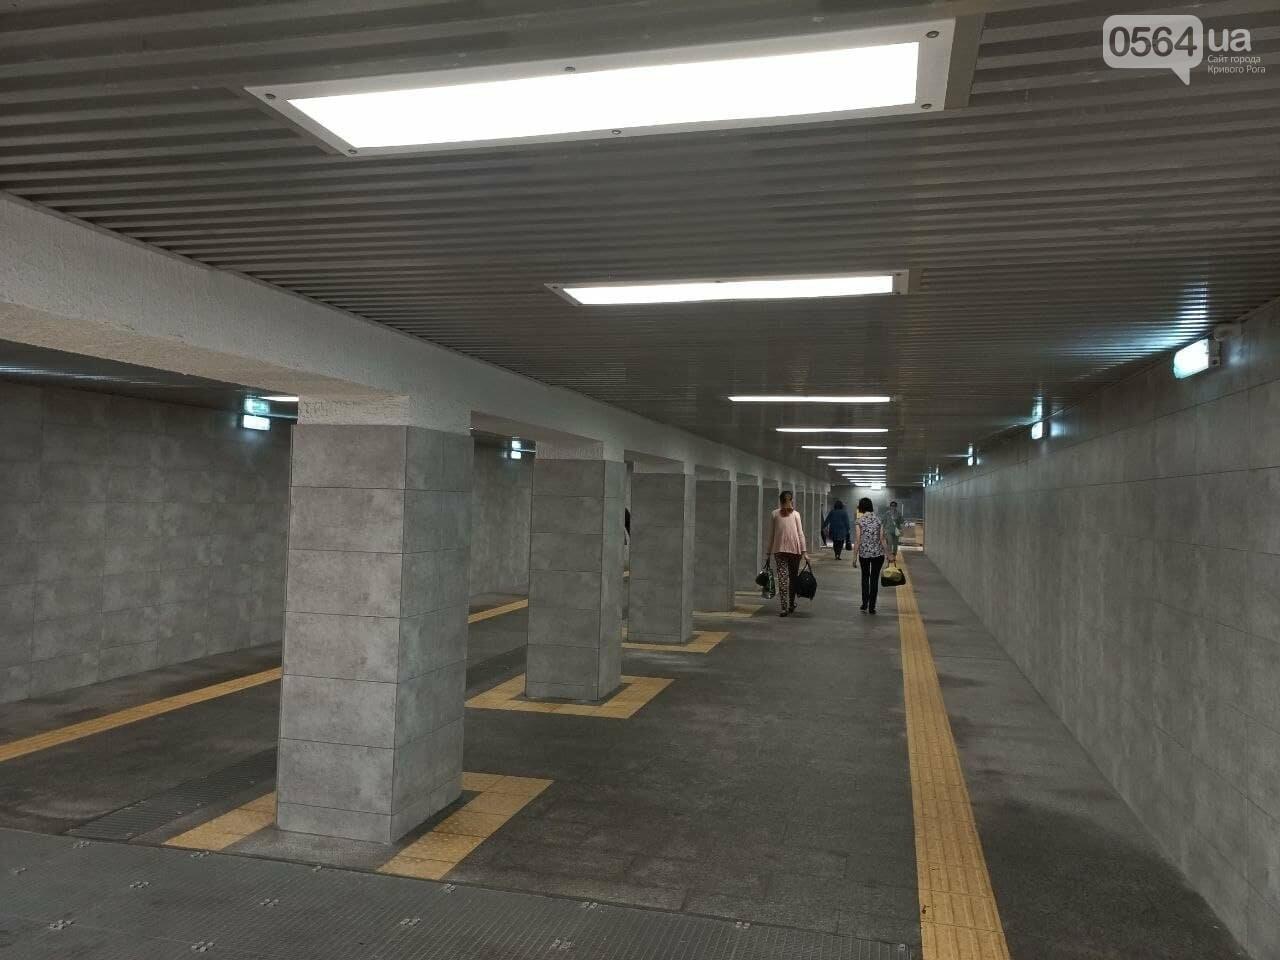 Возле Центрального рынка в Кривом Роге закрыли наземный переход и открыли подземный, - ФОТО, фото-11